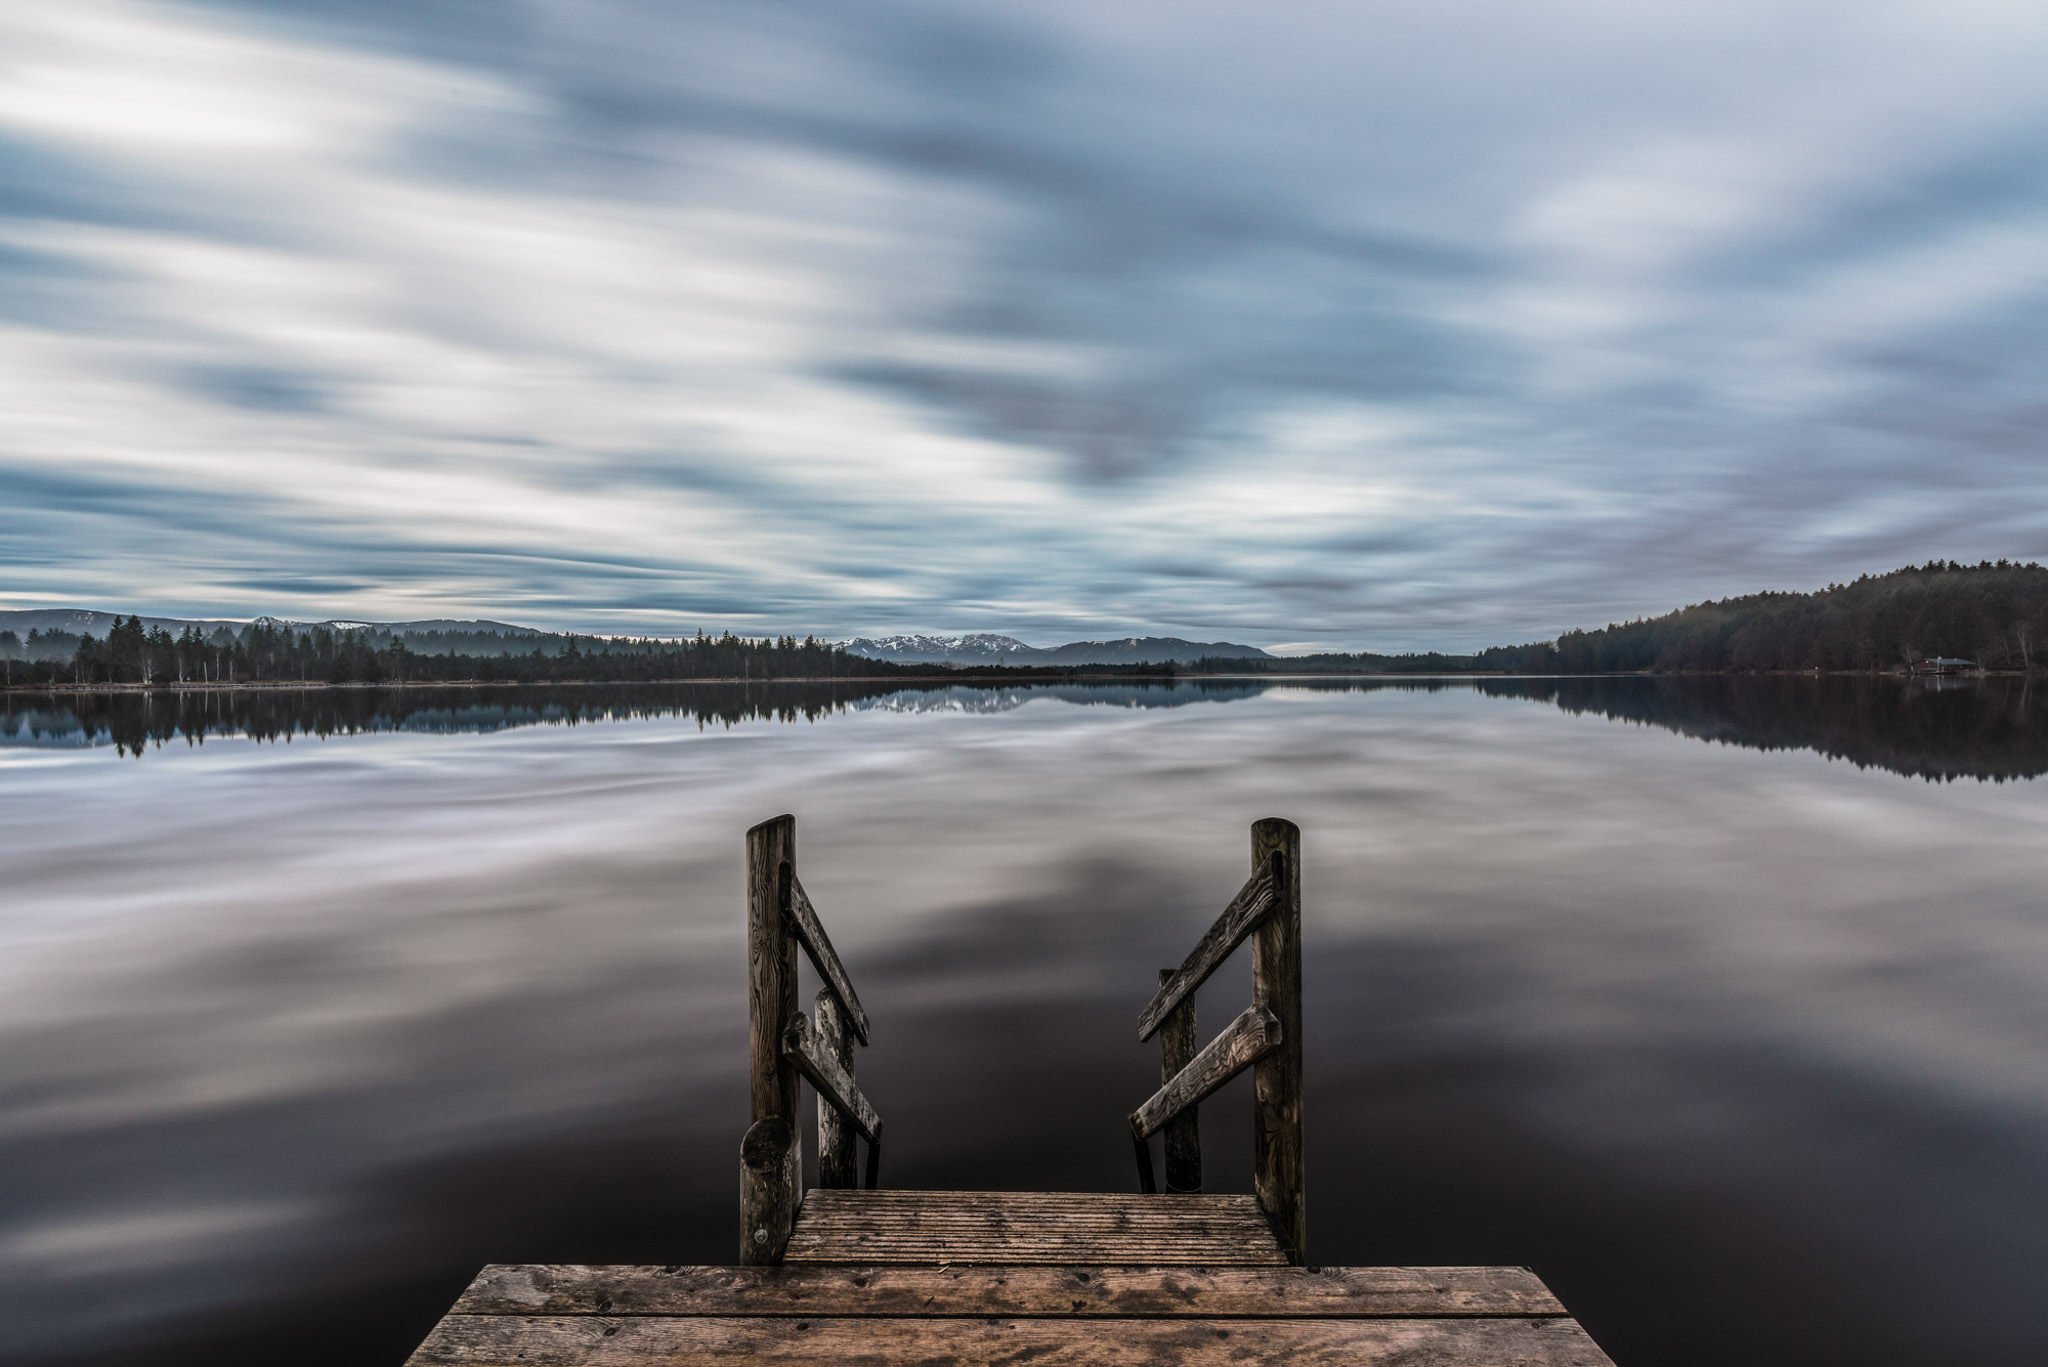 Into the Lake (Foto: Niklas Neubauer)